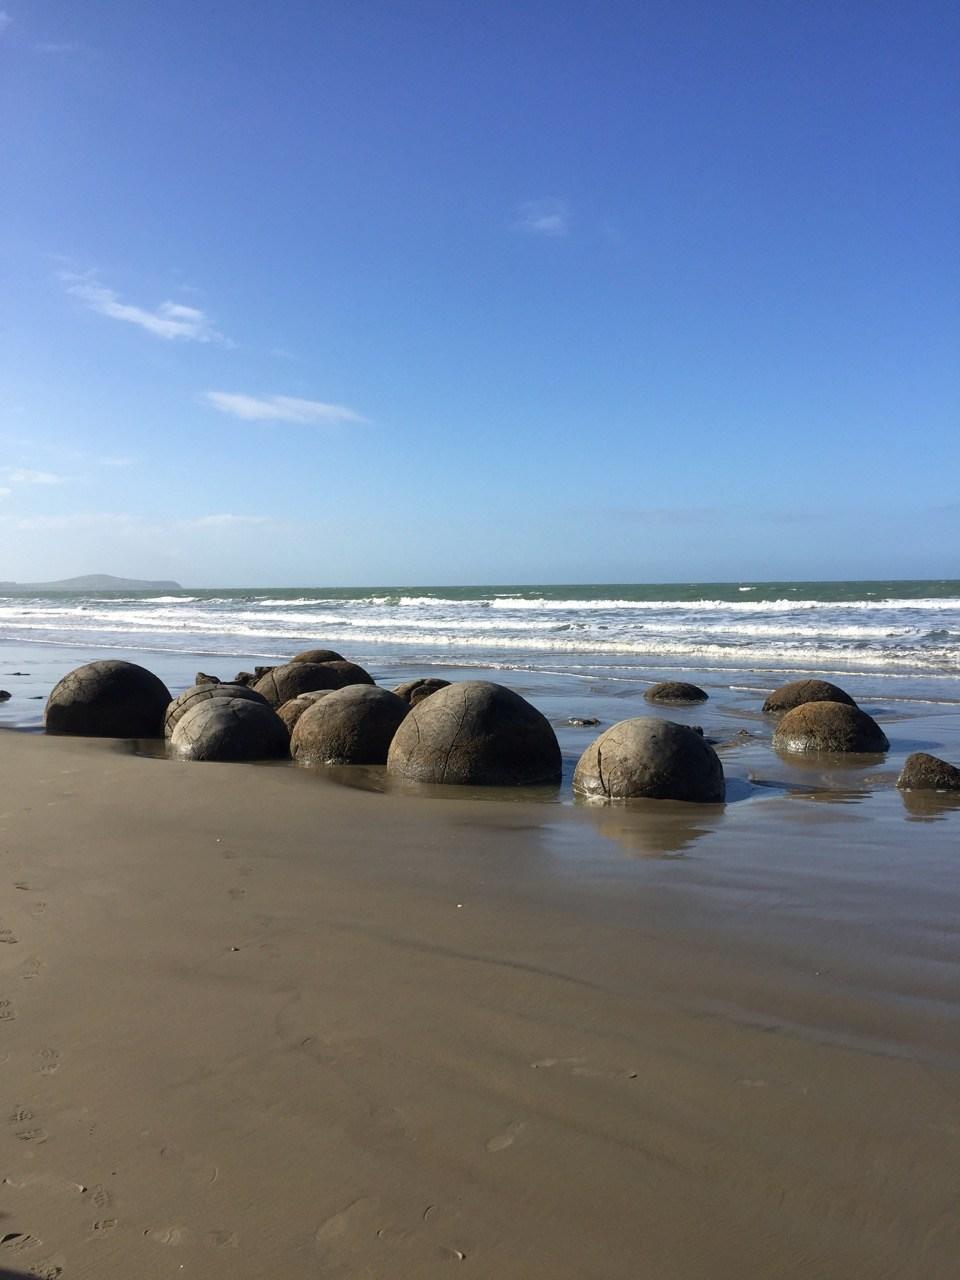 【游记】南岛第二大城Dunedin|但尼丁|Moeraki Boulders